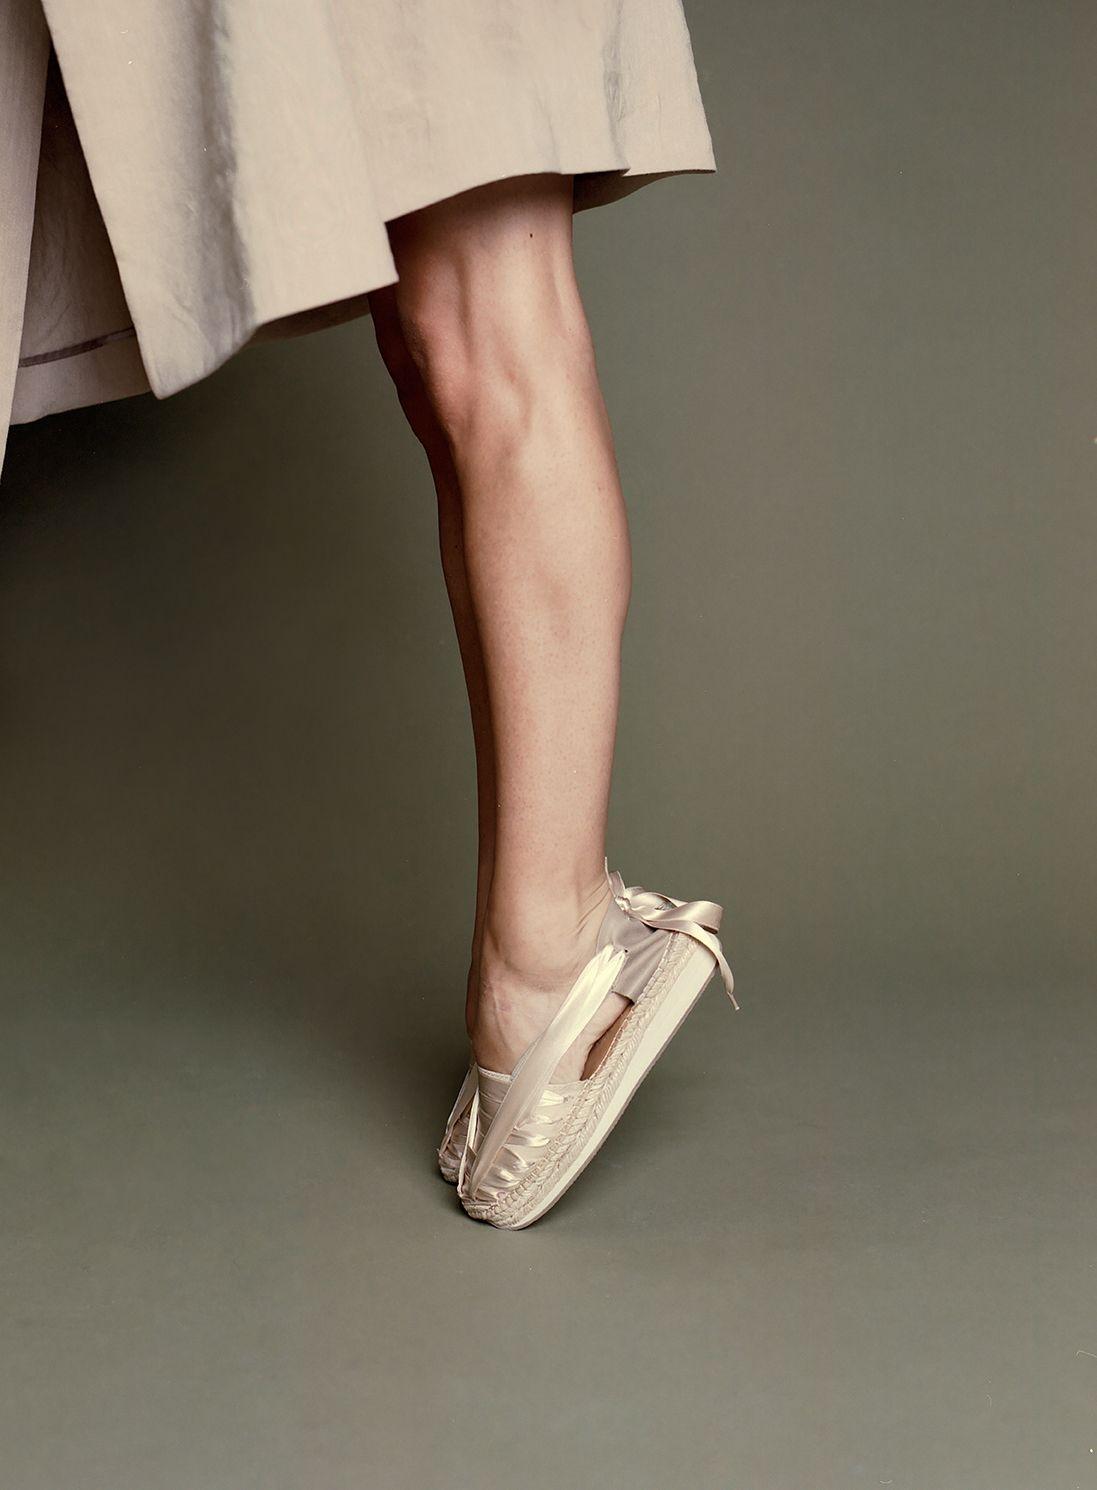 40de51aa74b Fundada por el arquitecto Pablo Izquierdo López y la diseñadora de producto  Claudia Pérez Polo, Naguisa nace con la premisa de acercar el tradicional  zapato ...